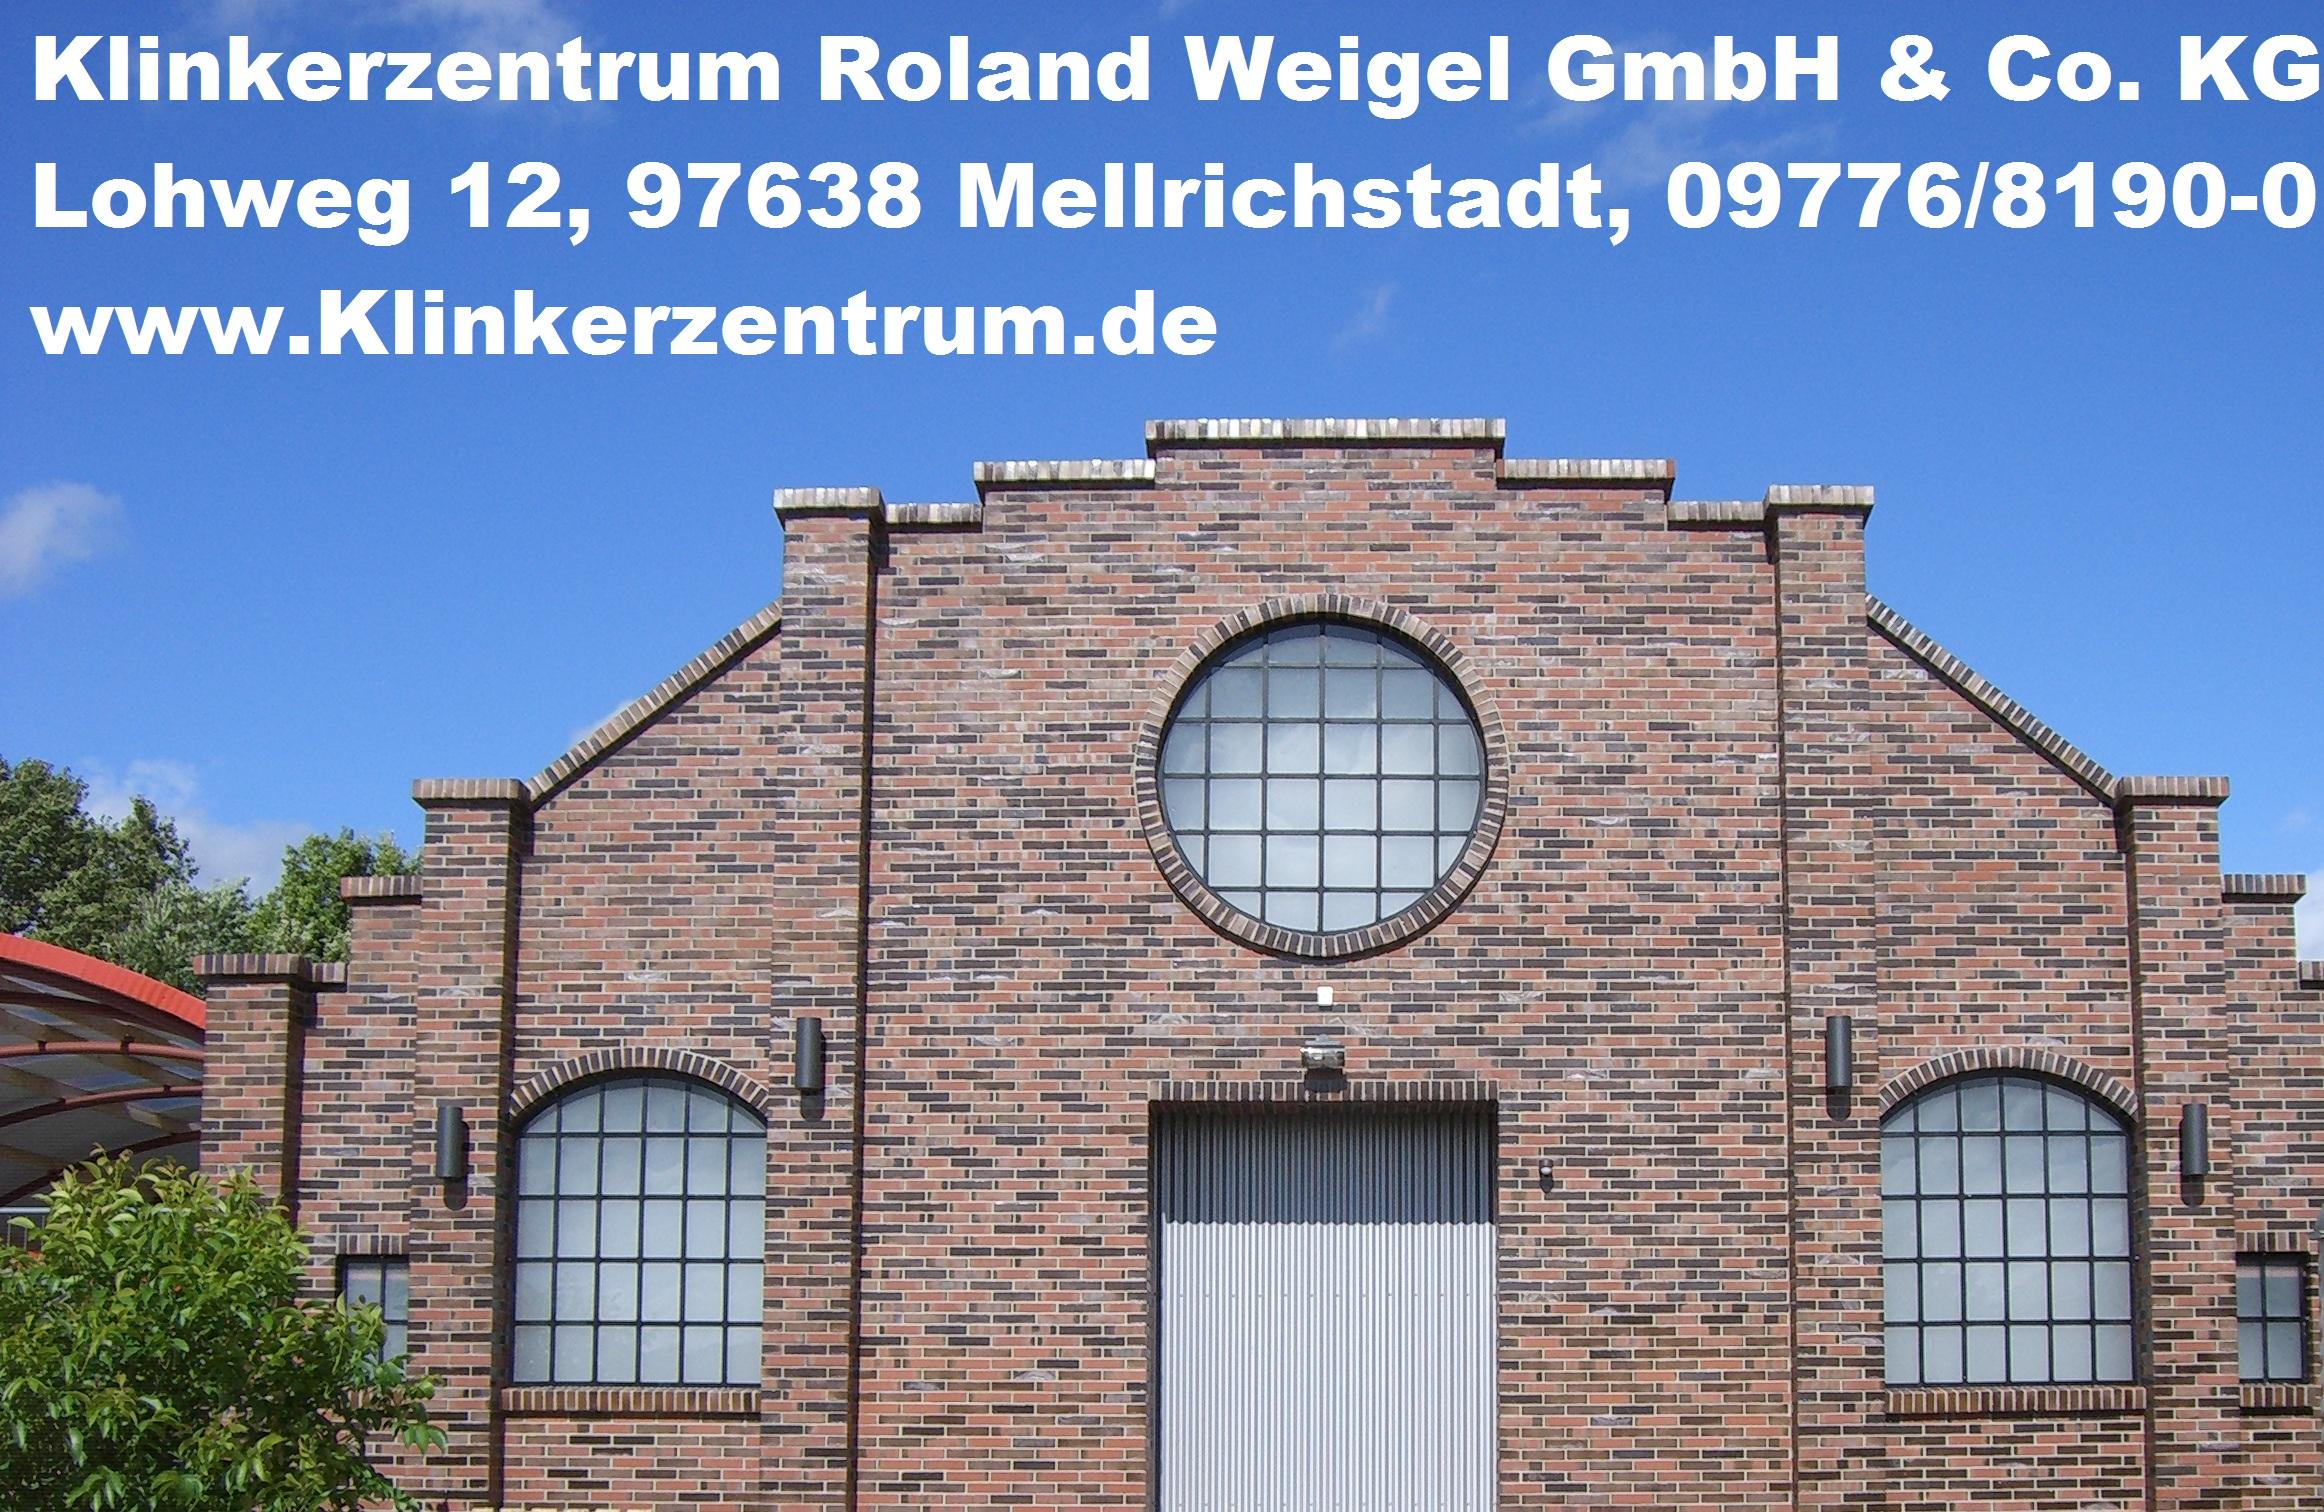 Klinkerzentrum Weigel GmbH & Co. KG